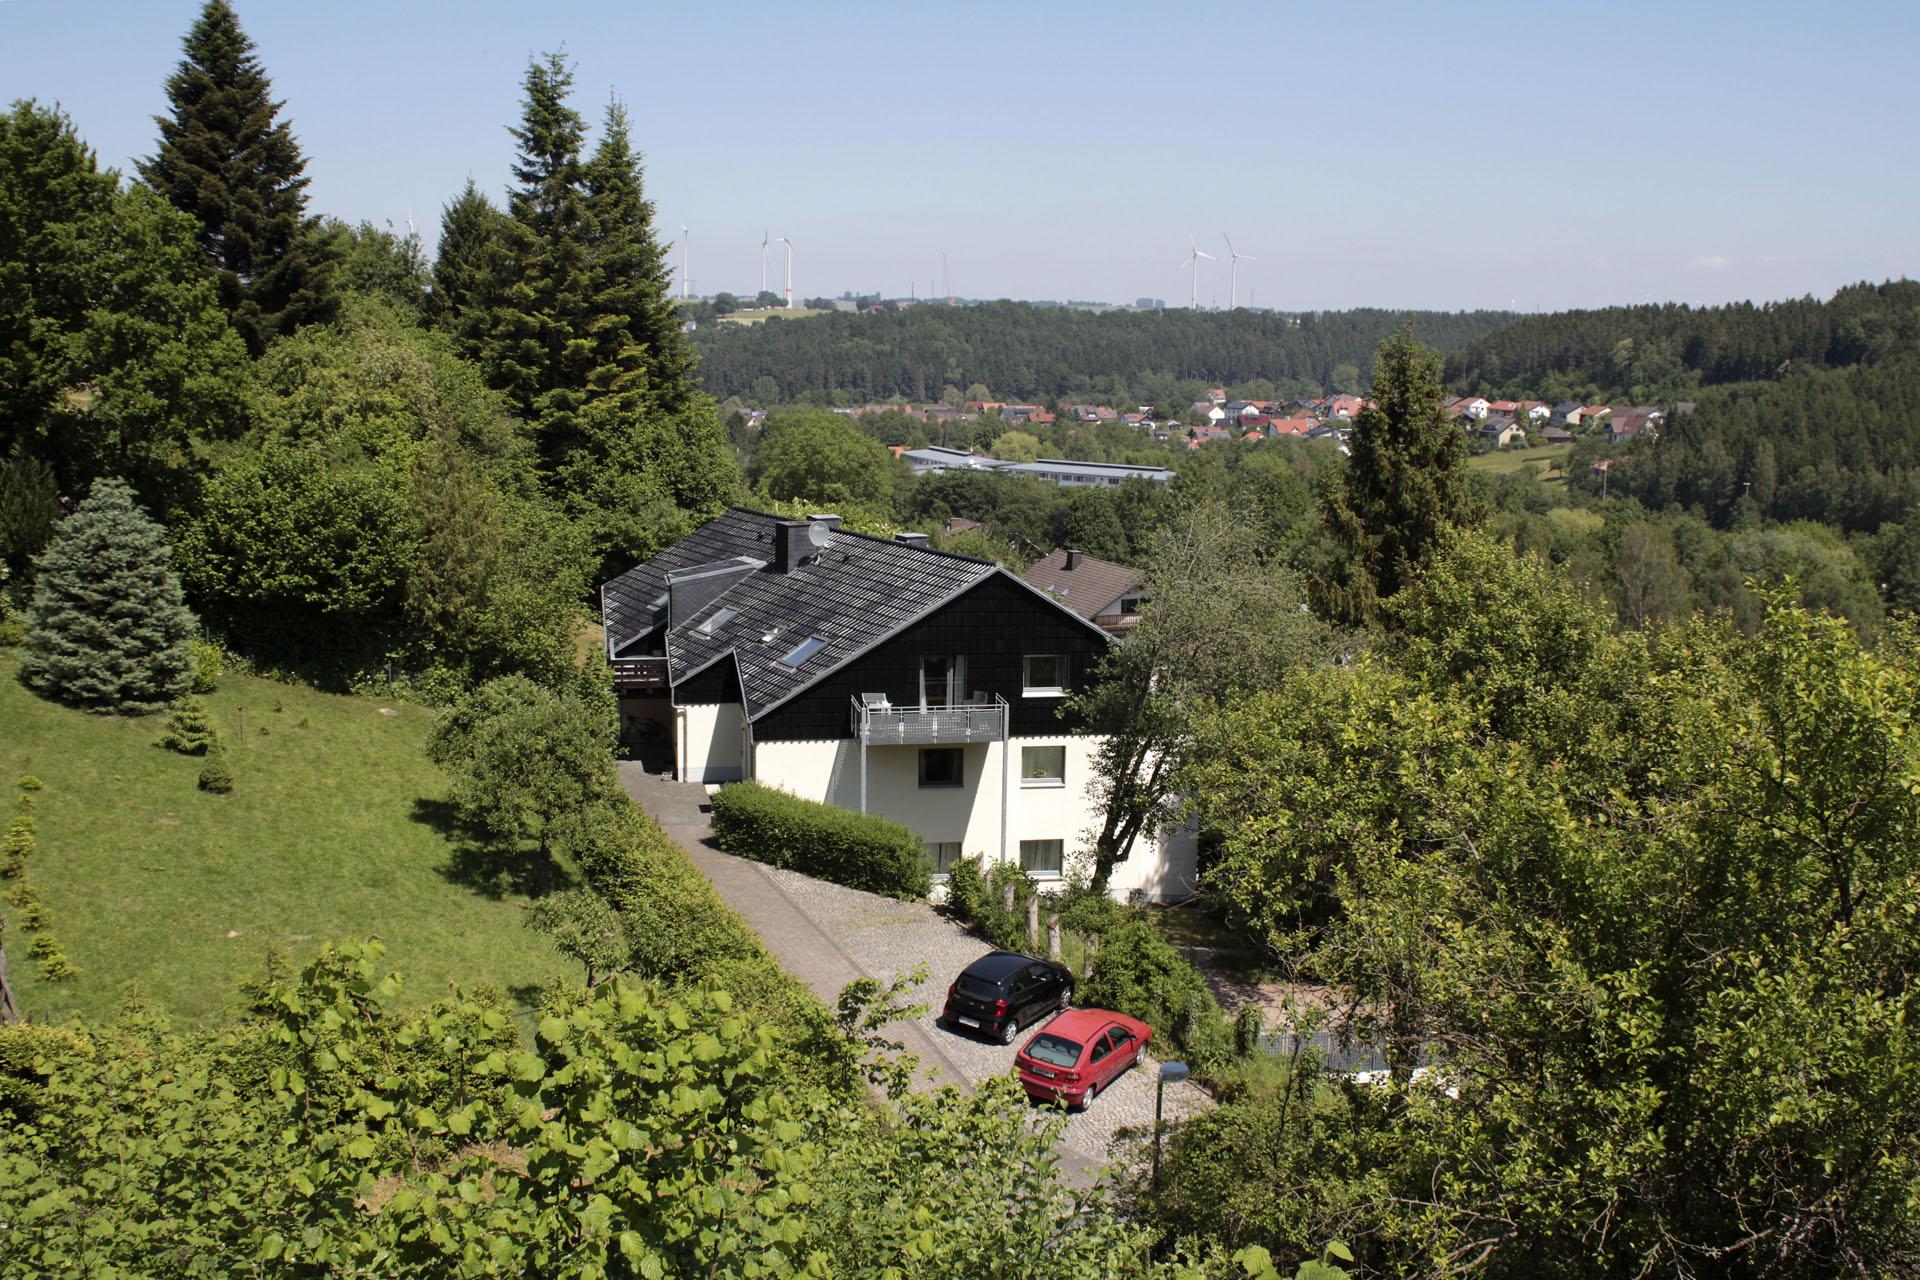 ferienhaus waldblick ferienwohnung 50 qm mit 2 schlafzimmern ferienhaus r. Black Bedroom Furniture Sets. Home Design Ideas